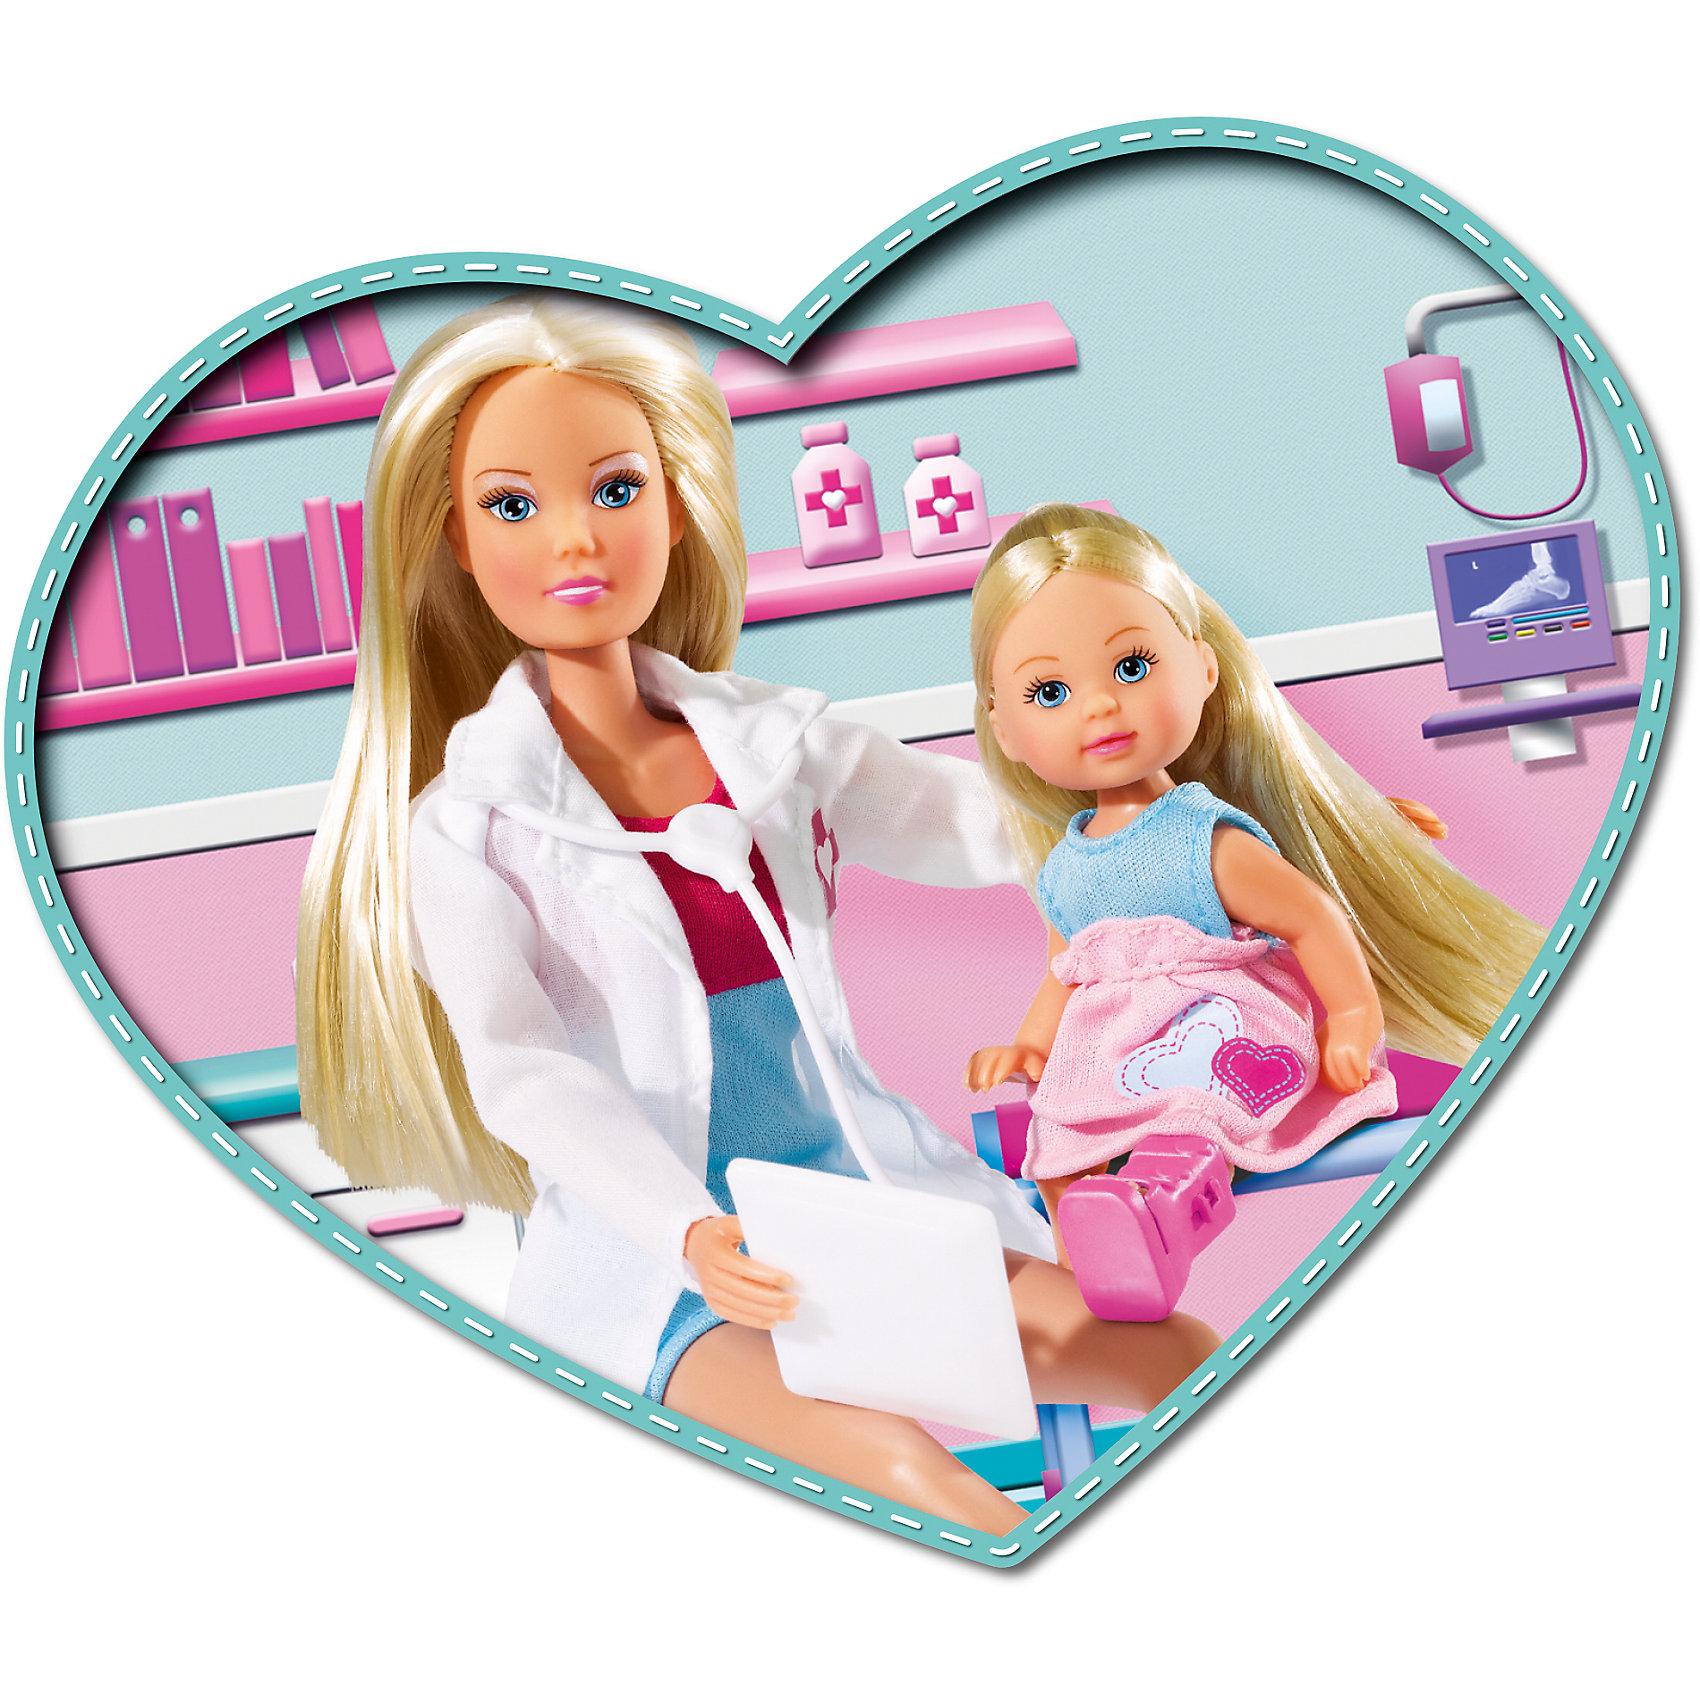 Кукла Штеффи-детский доктор и кукла  Еви, SimbaХарактеристики товара:<br><br>- цвет: разноцветный;<br>- материал: пластик, текстиль;<br>- возраст: от трех лет;<br>- комплектация: 2 куклы, одежда, аксесуары;<br>- высота кукок: 29 и 12 см.<br><br>Эта симпатичная кукла Штеффи в компании Еви от известного бренда приводит детей в восторг! Какая девочка сможет отказаться поиграть с куклами, которые дополнены такими симпатичными нарядами?! В набор входят аксессуары для игр с куклами. Игрушка очень качественно выполнена, поэтому она станет замечательным подарком ребенку. <br>Продается набор в красивой удобной упаковке. Игры с куклами помогают девочкам развить важные навыки и отработать модели социального взаимодействия. Изделие произведено из высококачественного материала, безопасного для детей.<br><br>Куклу Штеффи-детский доктор + кукла Еви, 29 см, от бренда Simba можно купить в нашем интернет-магазине.<br><br>Ширина мм: 329<br>Глубина мм: 161<br>Высота мм: 54<br>Вес г: 301<br>Возраст от месяцев: 36<br>Возраст до месяцев: 72<br>Пол: Женский<br>Возраст: Детский<br>SKU: 3587289